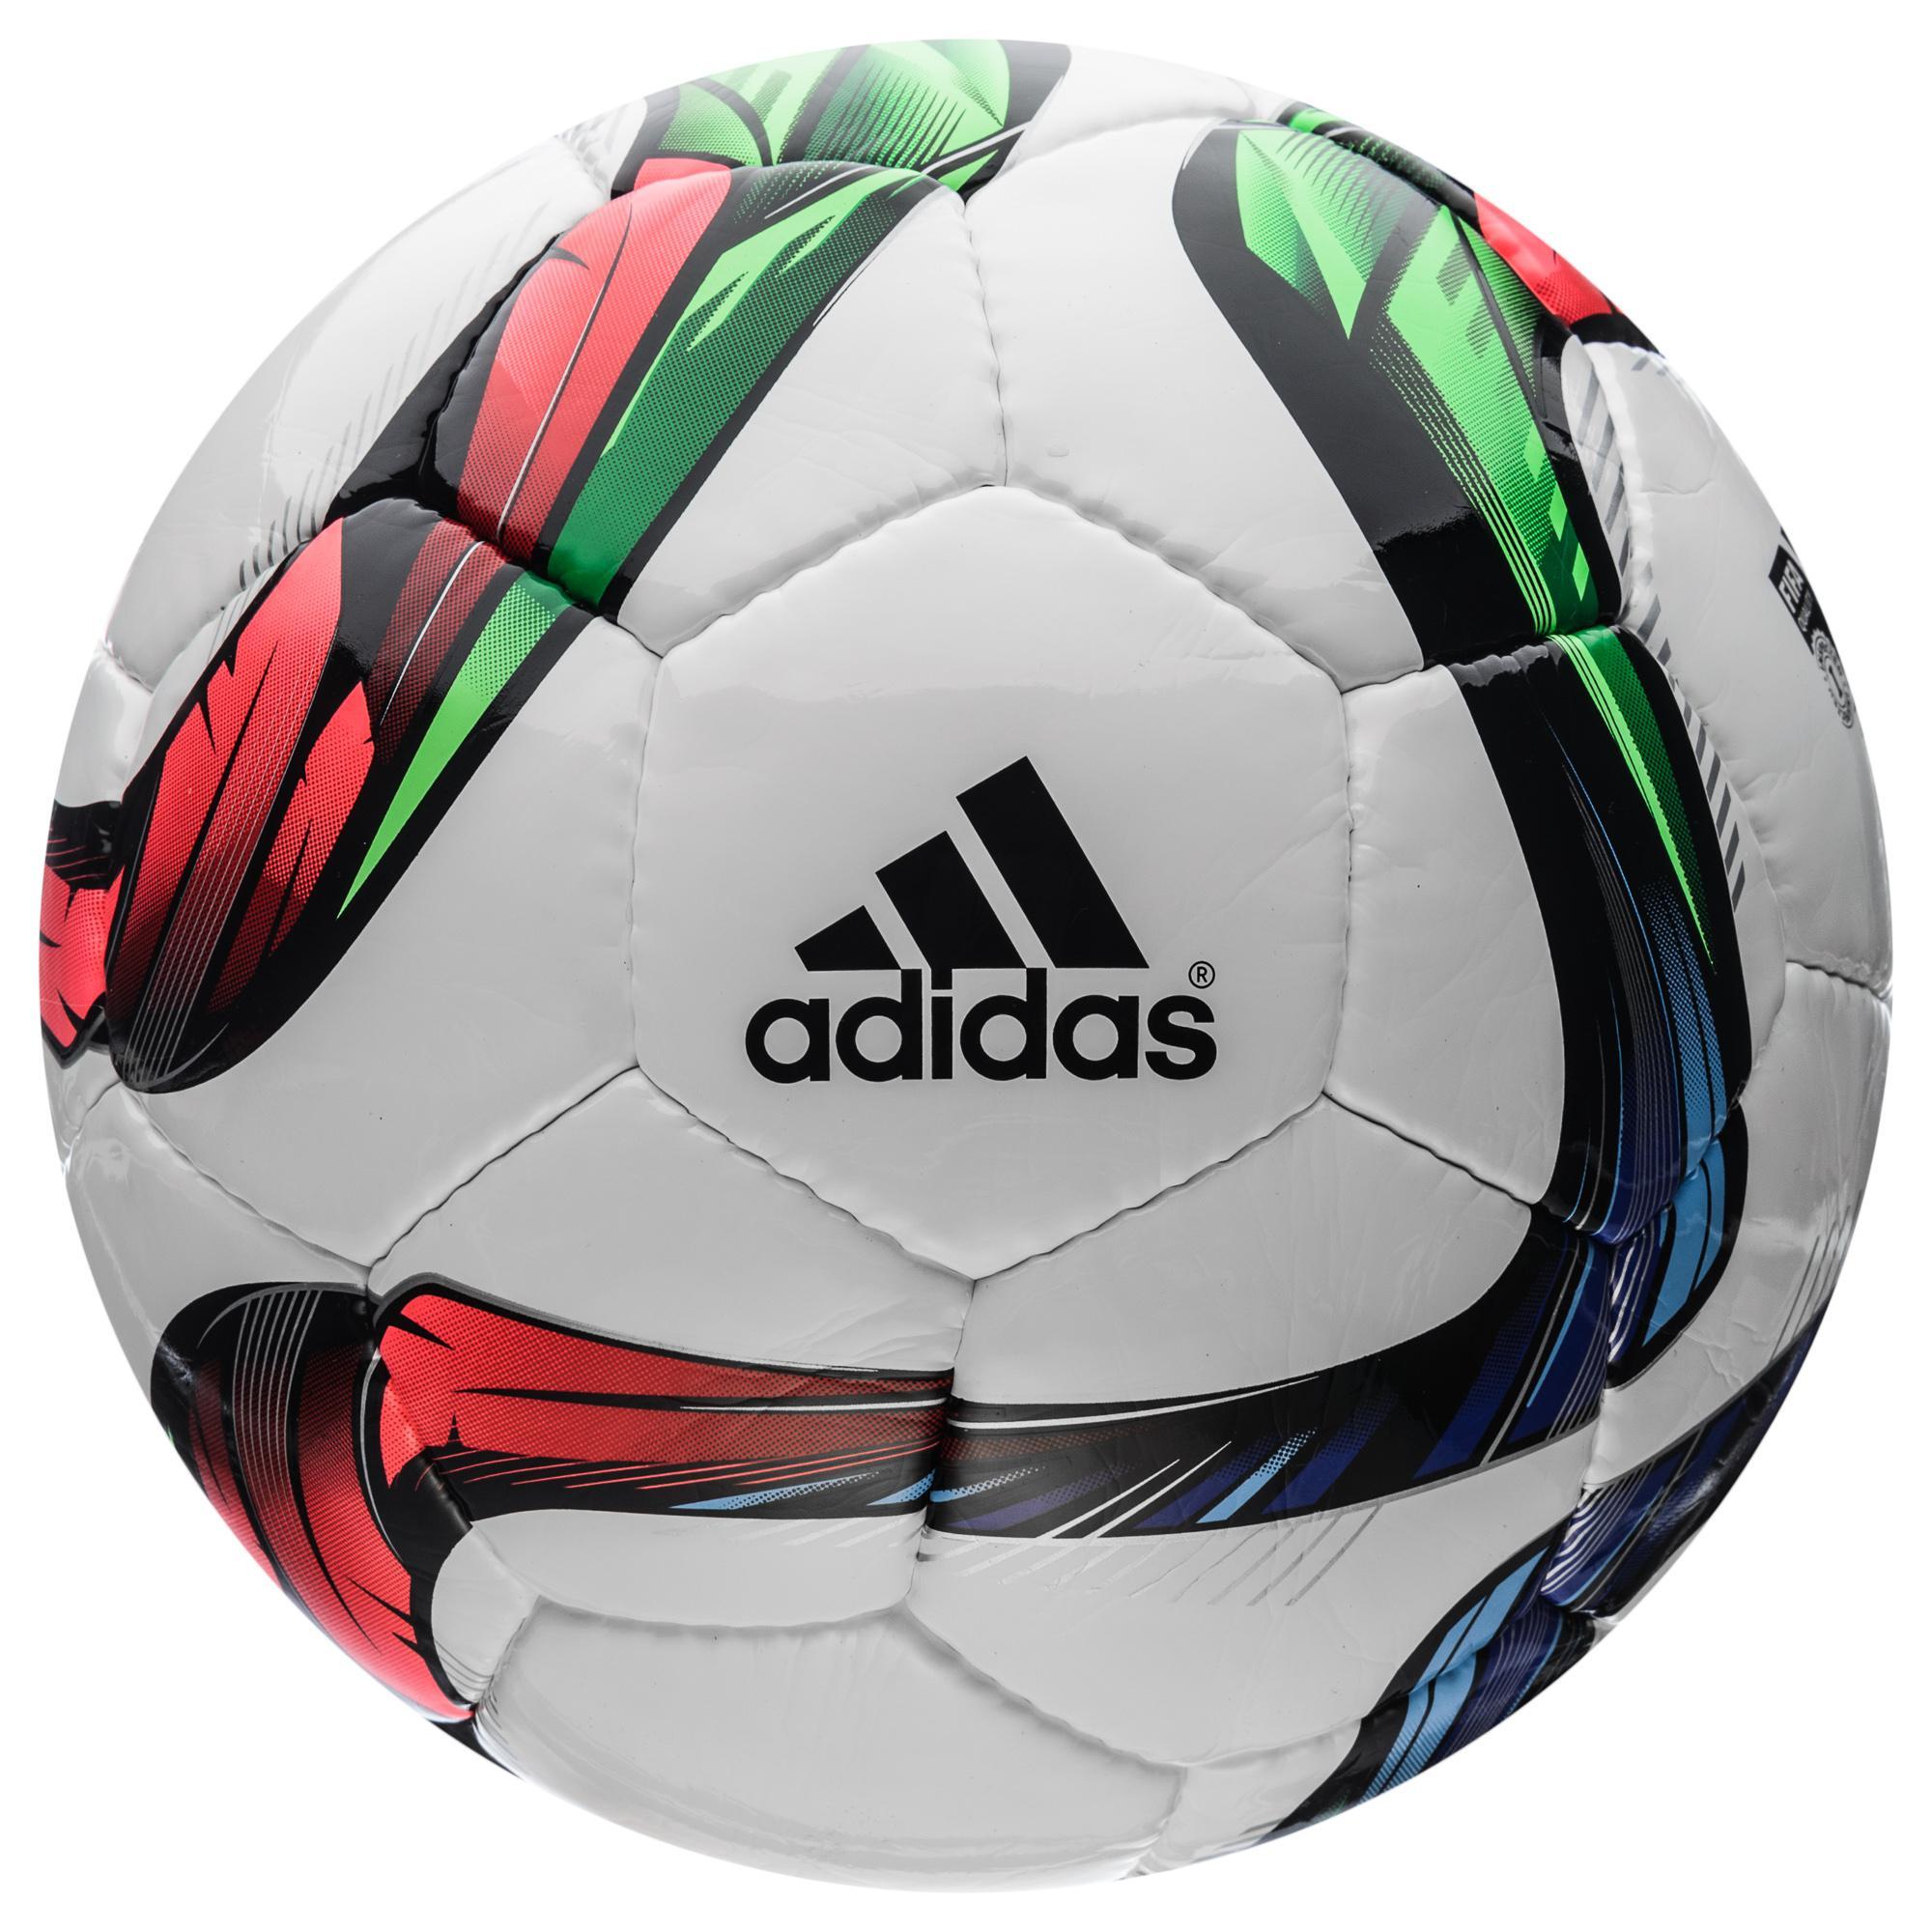 adidas Fotboll Conext 2015 Replica